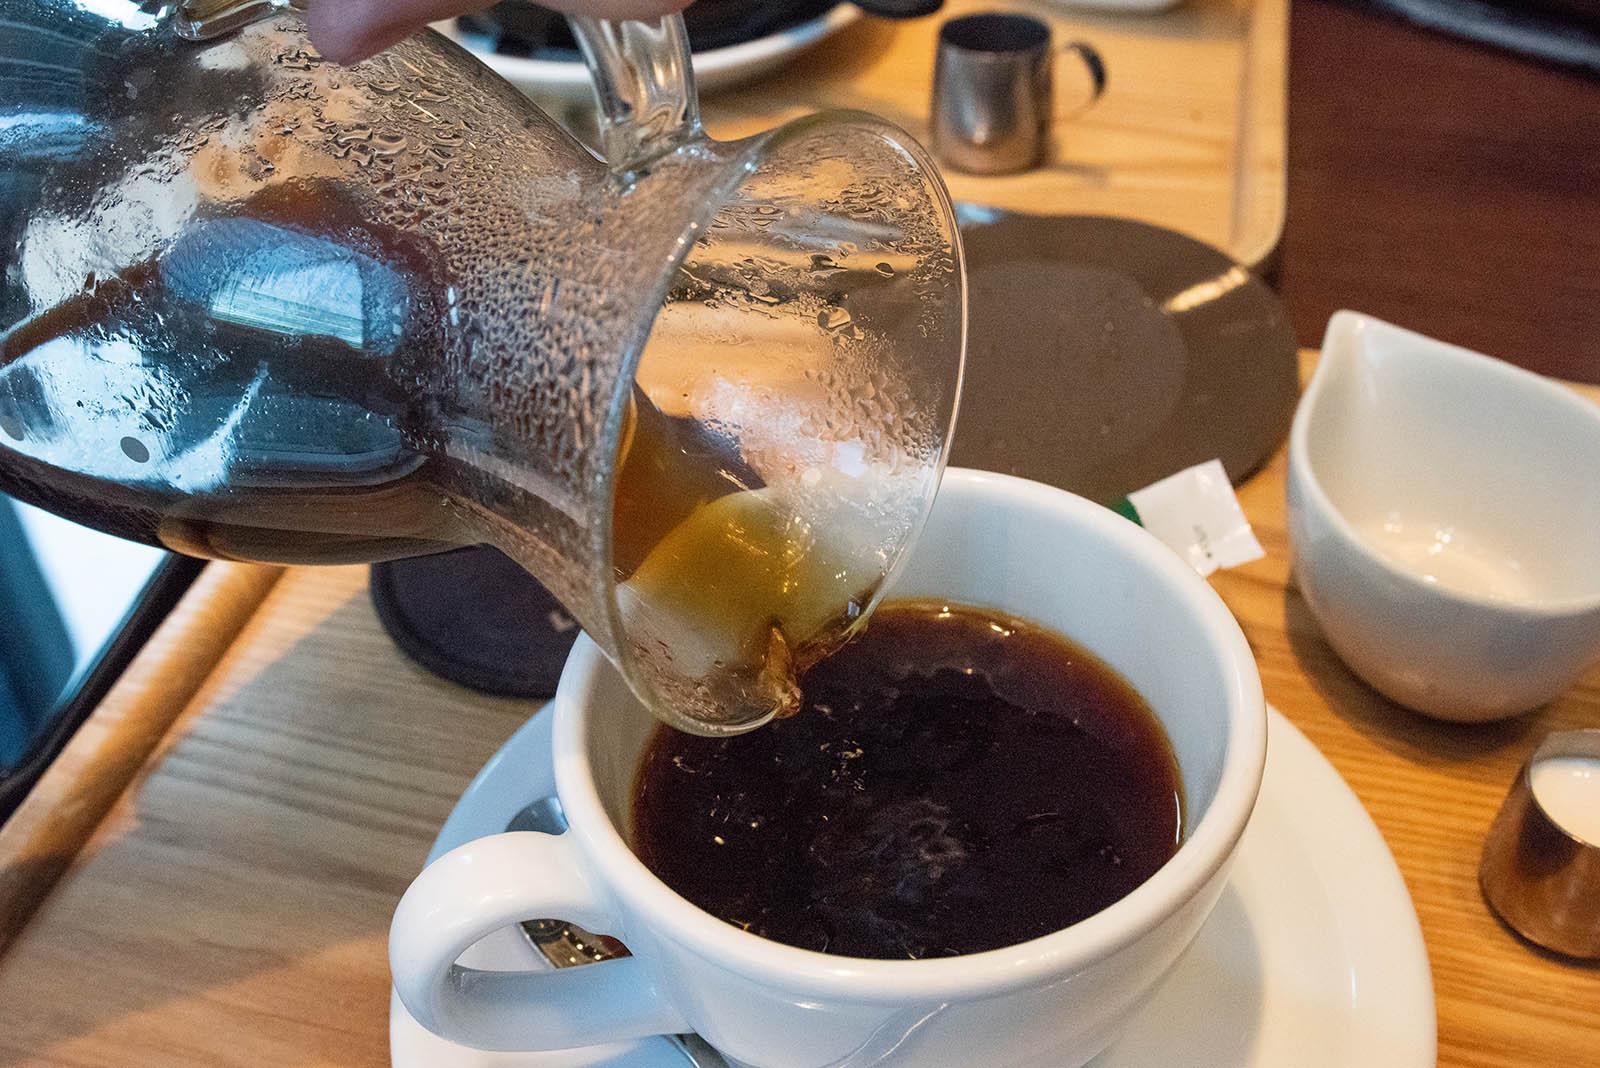 東京ロビー・コーヒーを淹れているところ